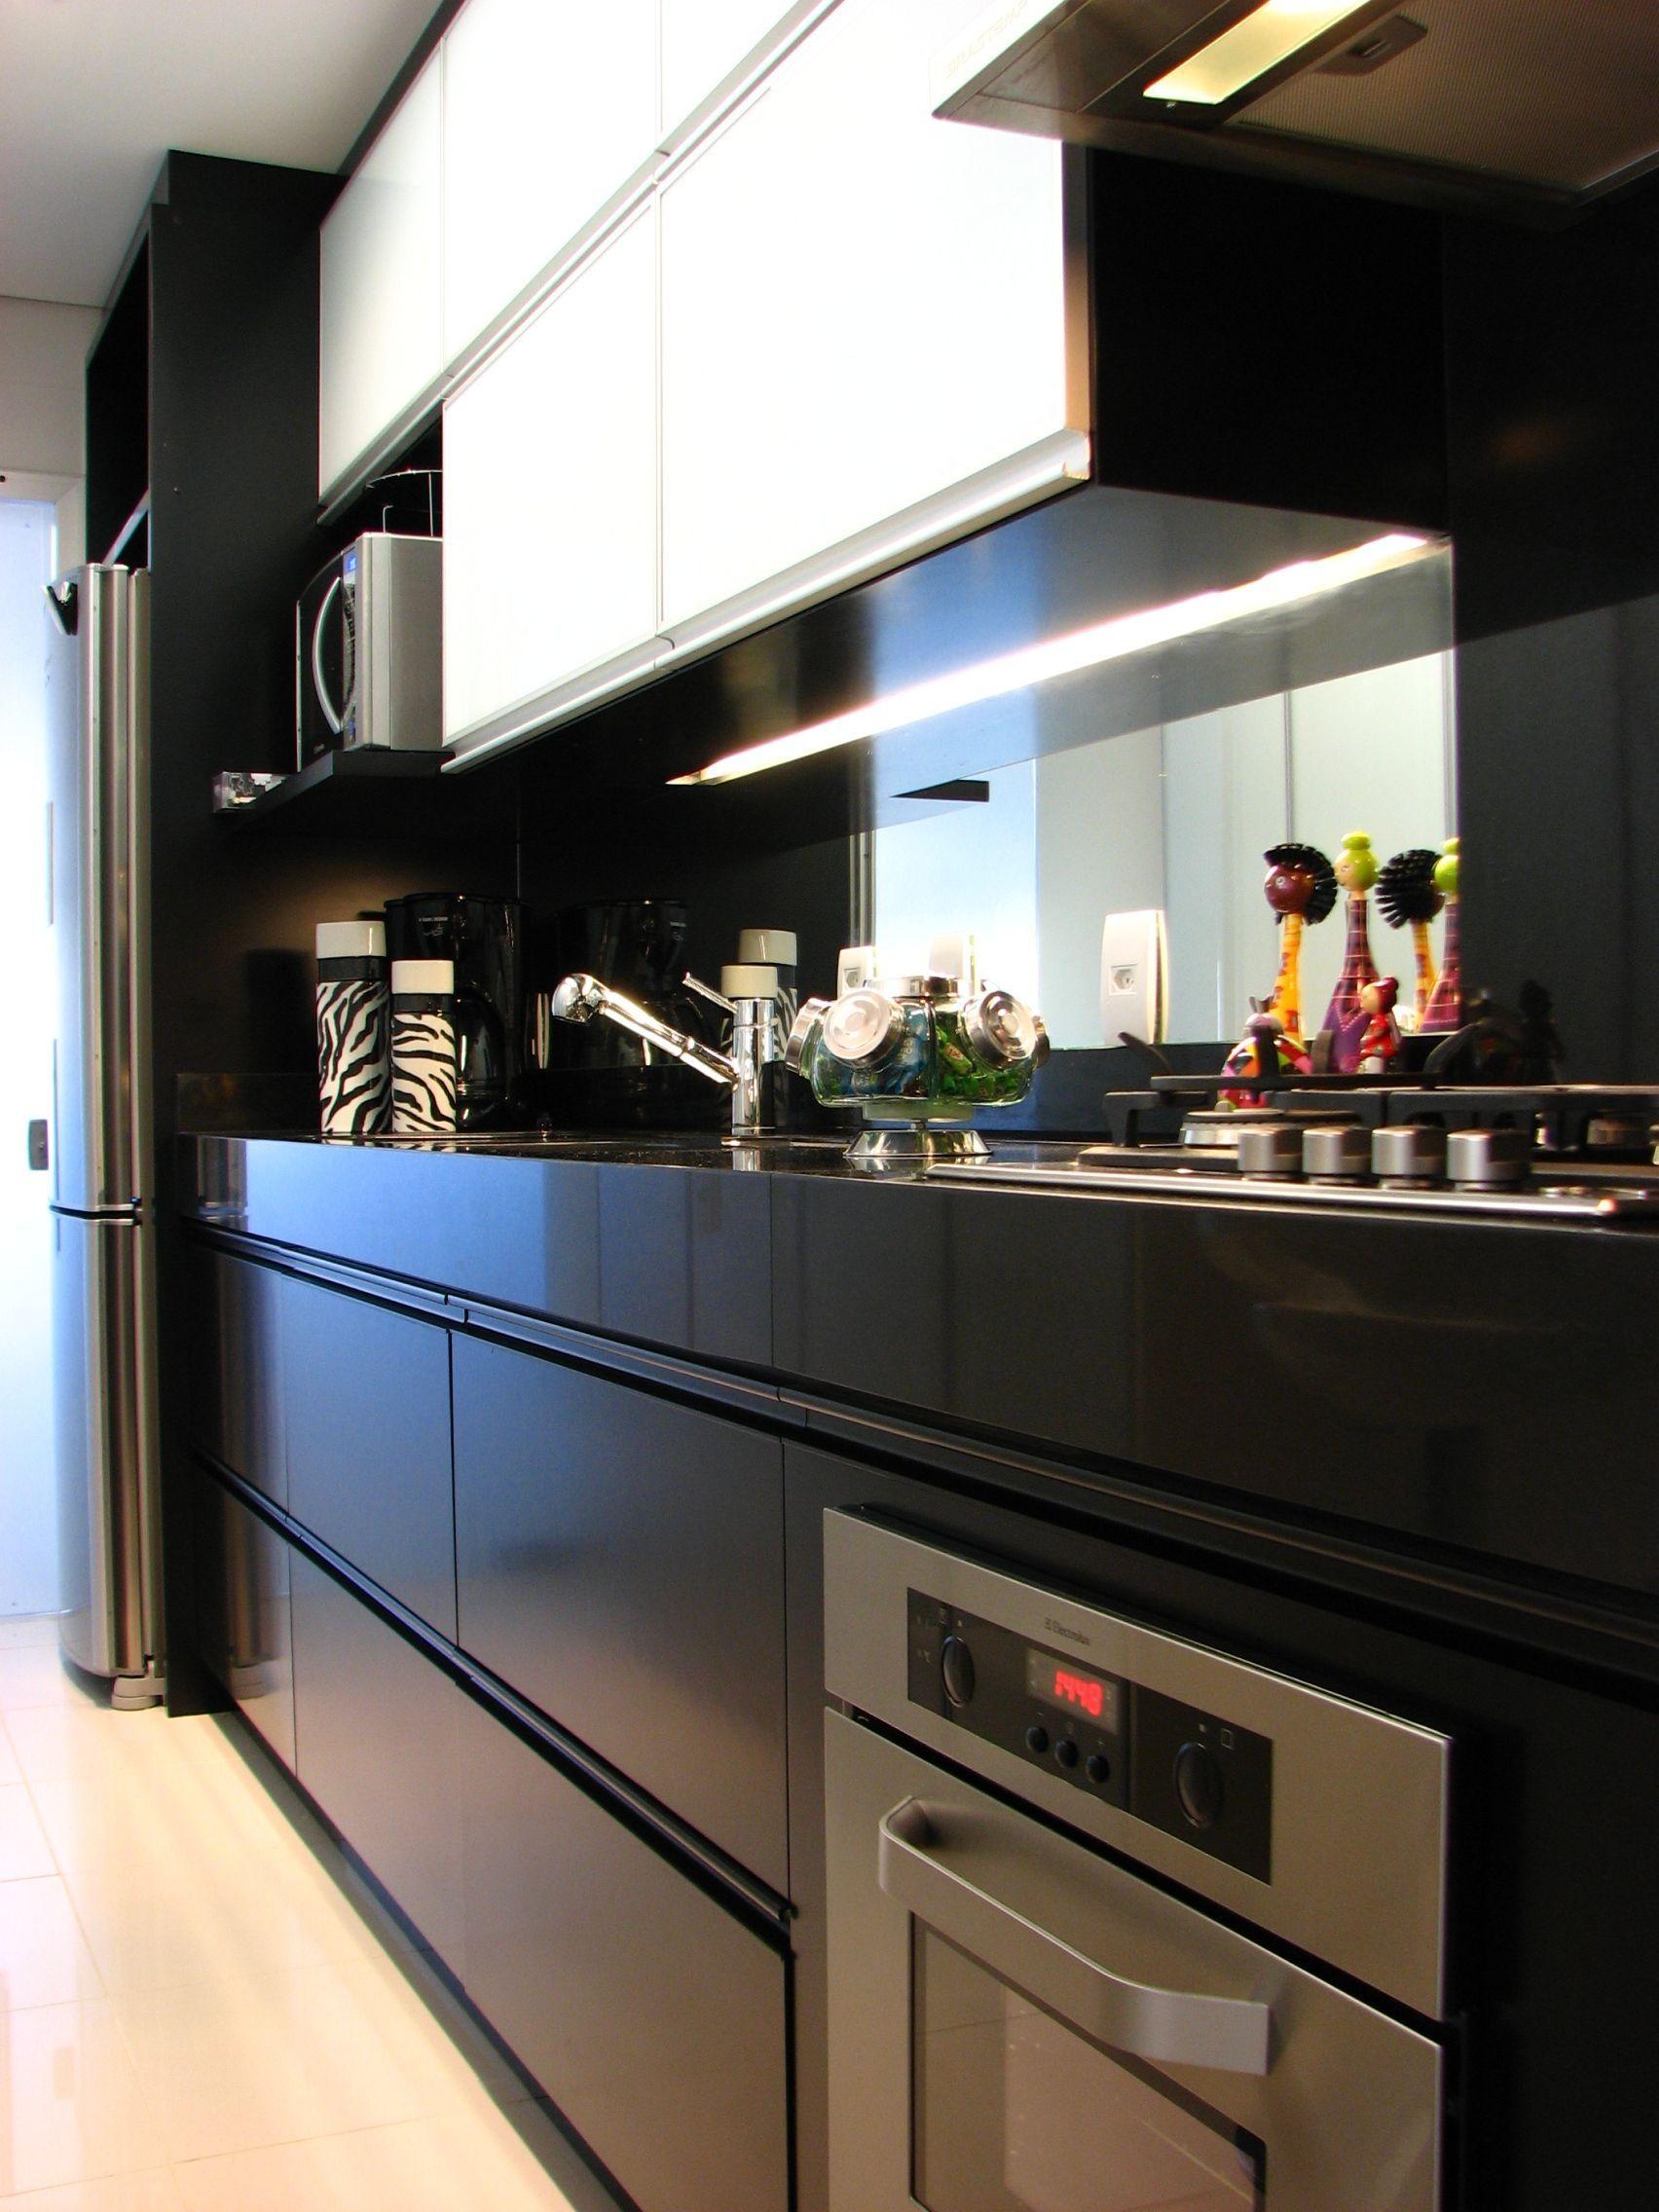 Cozinha Preta E Branca no Pinterest Cozinha Preta Cozinhas e Mesa #385D93 1704 2272